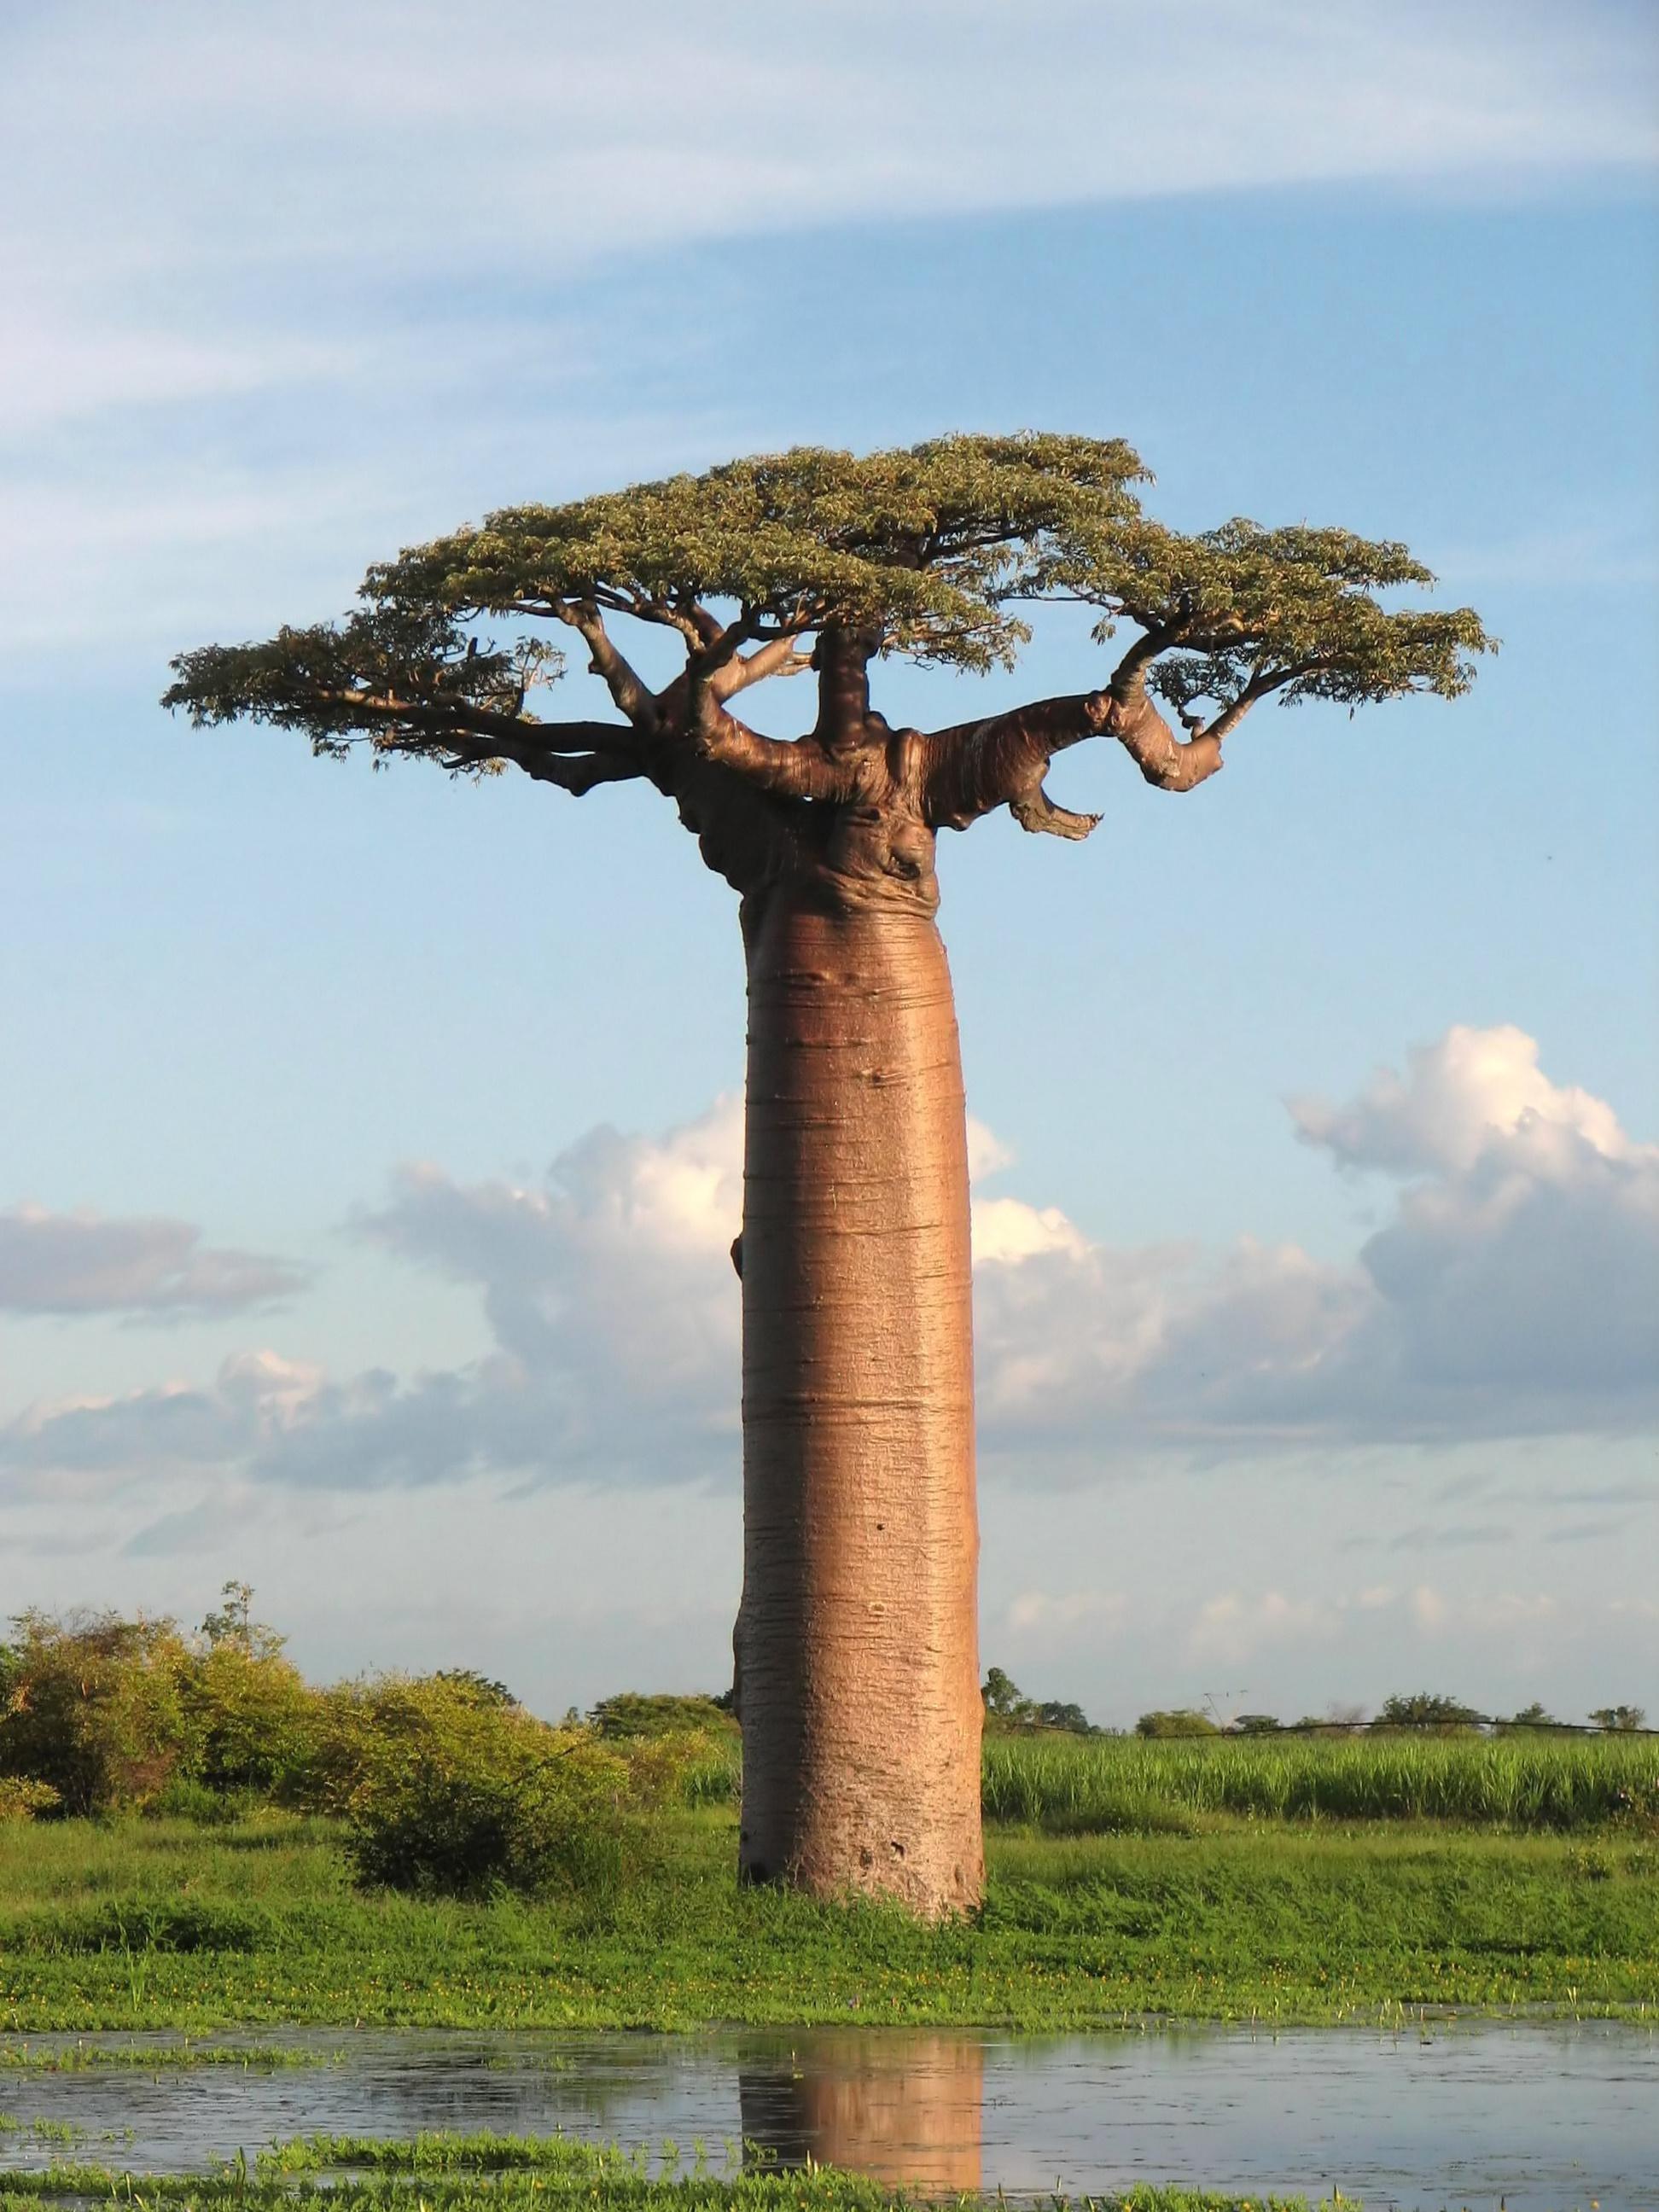 Baobab Tree HD wallpapers, Desktop wallpaper - most viewed